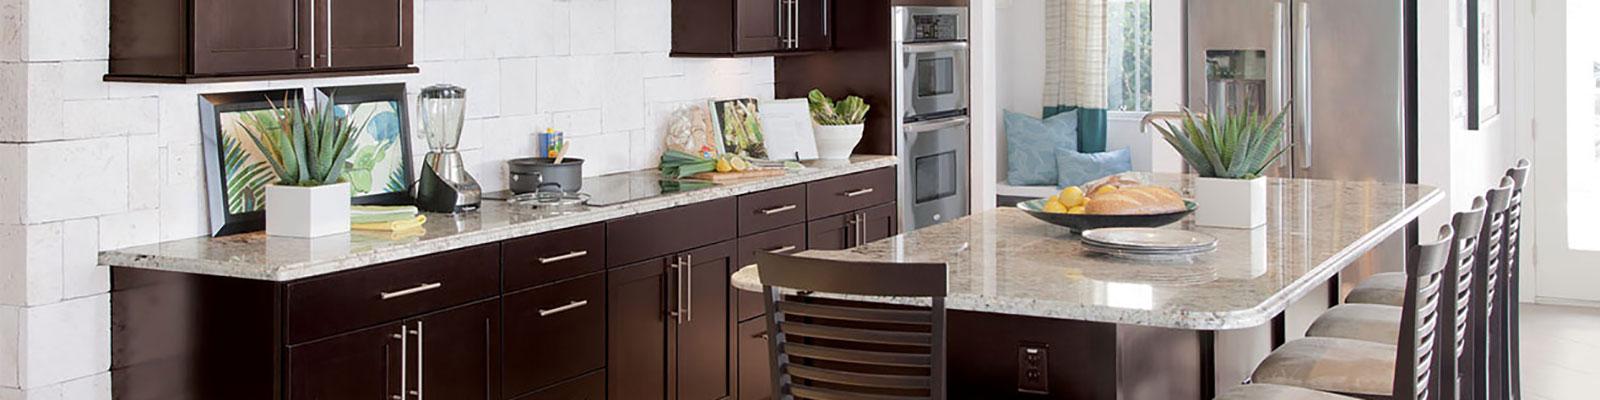 JAN-kitchen-design-homepage-banner-NoText-(002)